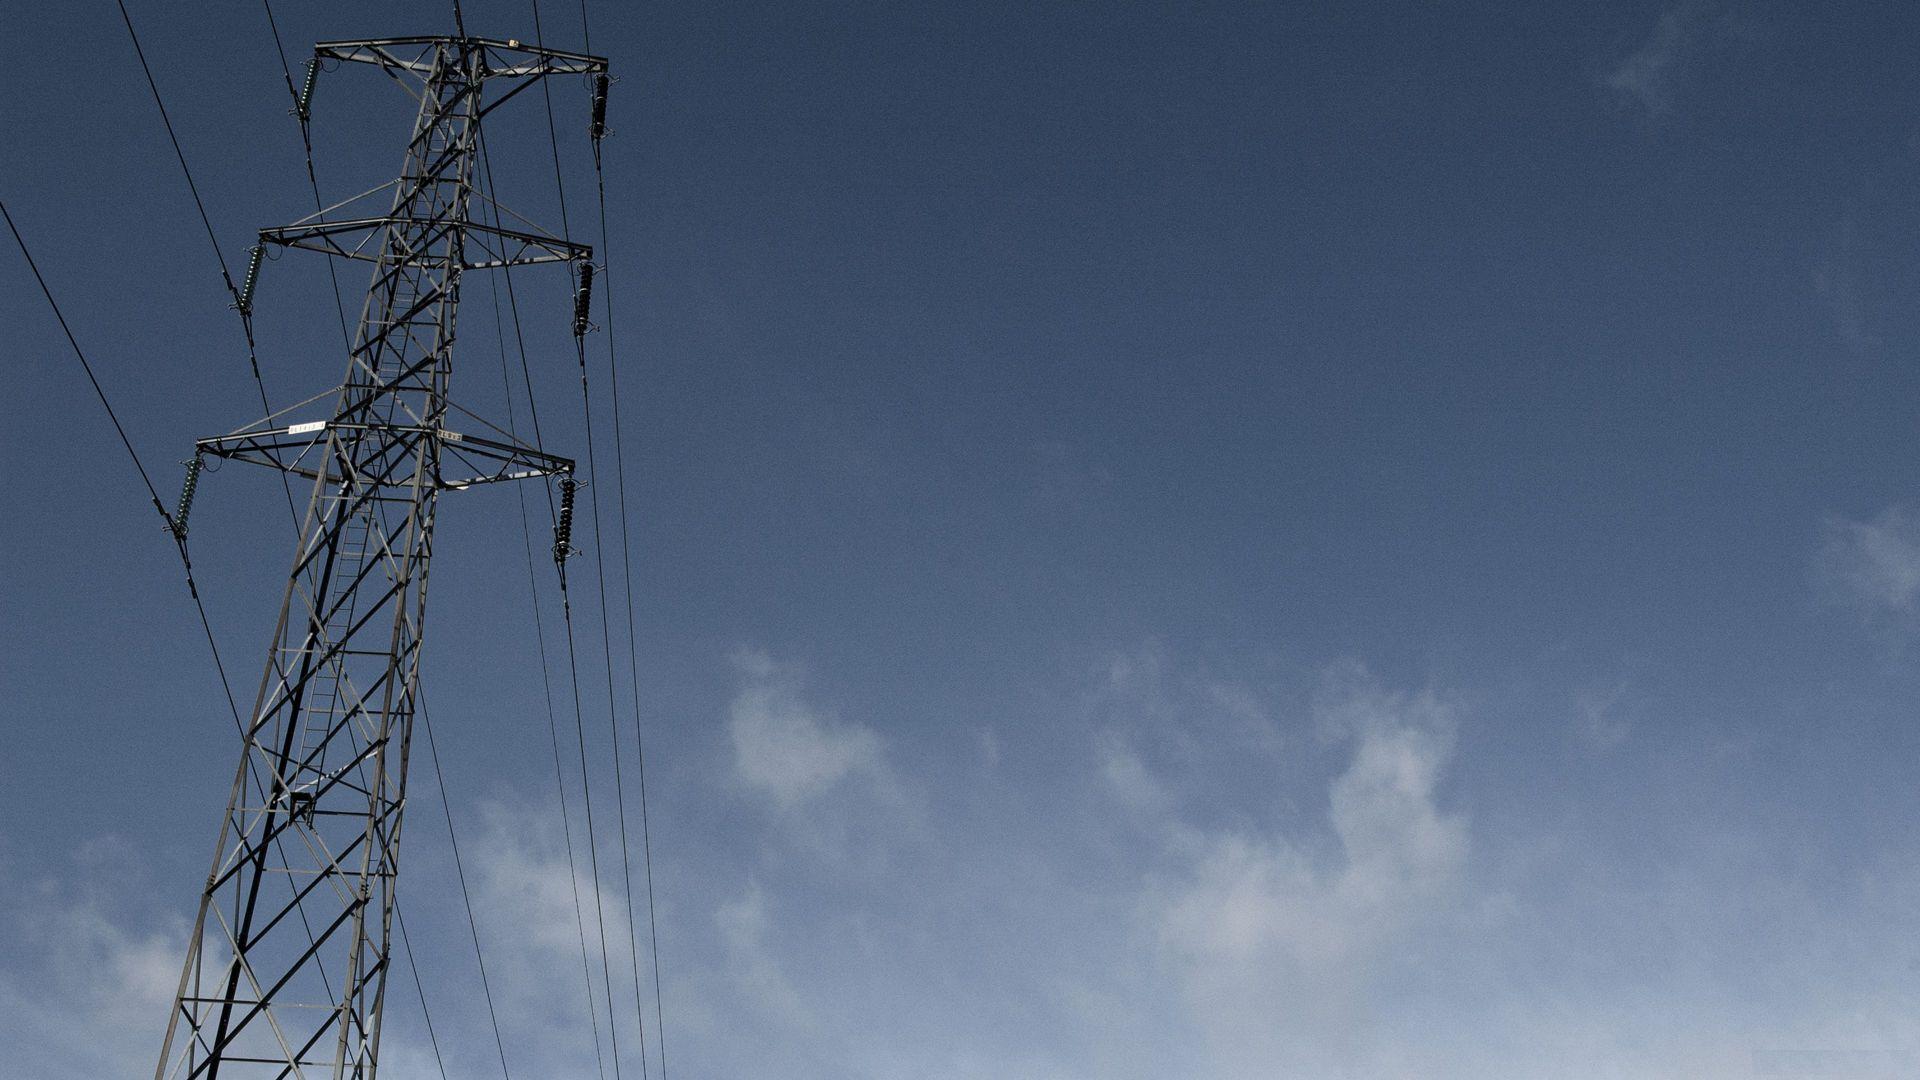 Wunderbar Elektrische Leitungen Für Reisende Fotos - Elektrische ...